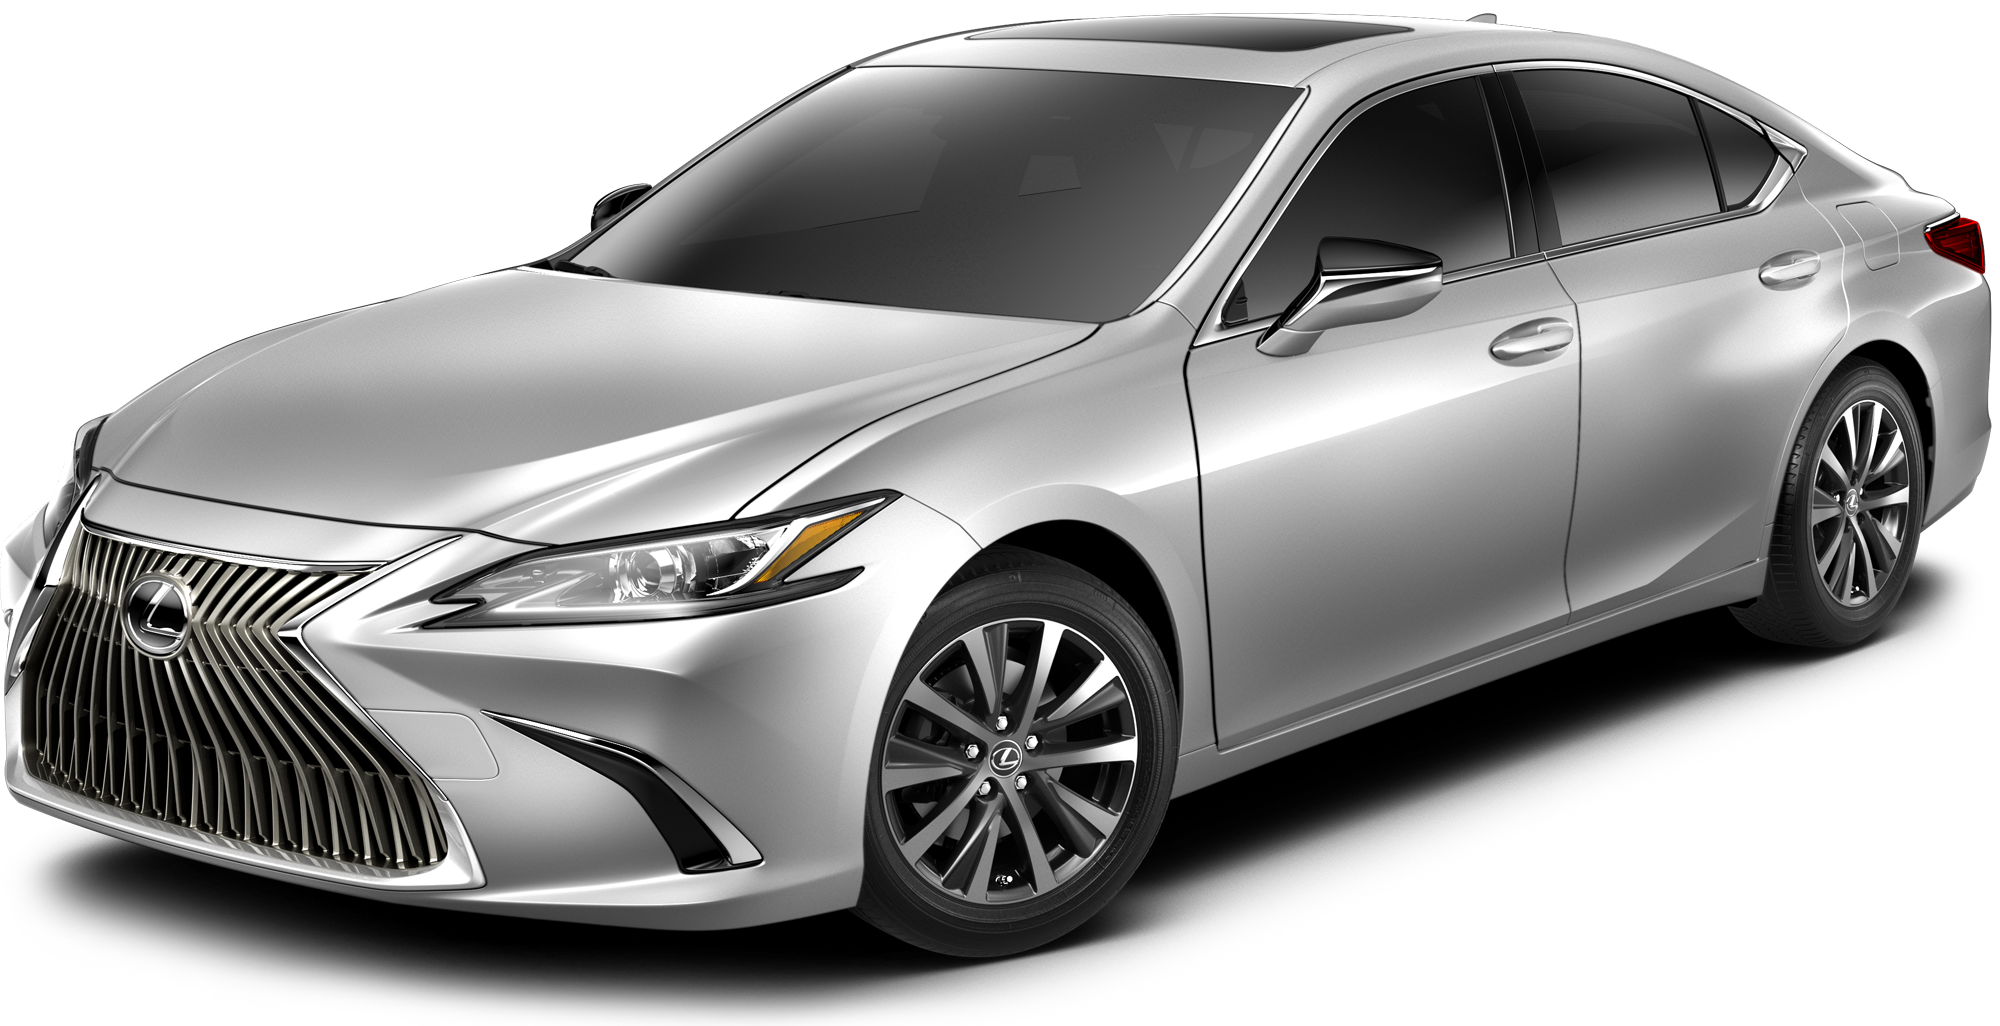 2020 Lexus ES 350 Incentives, Specials & Offers in Ontario CA